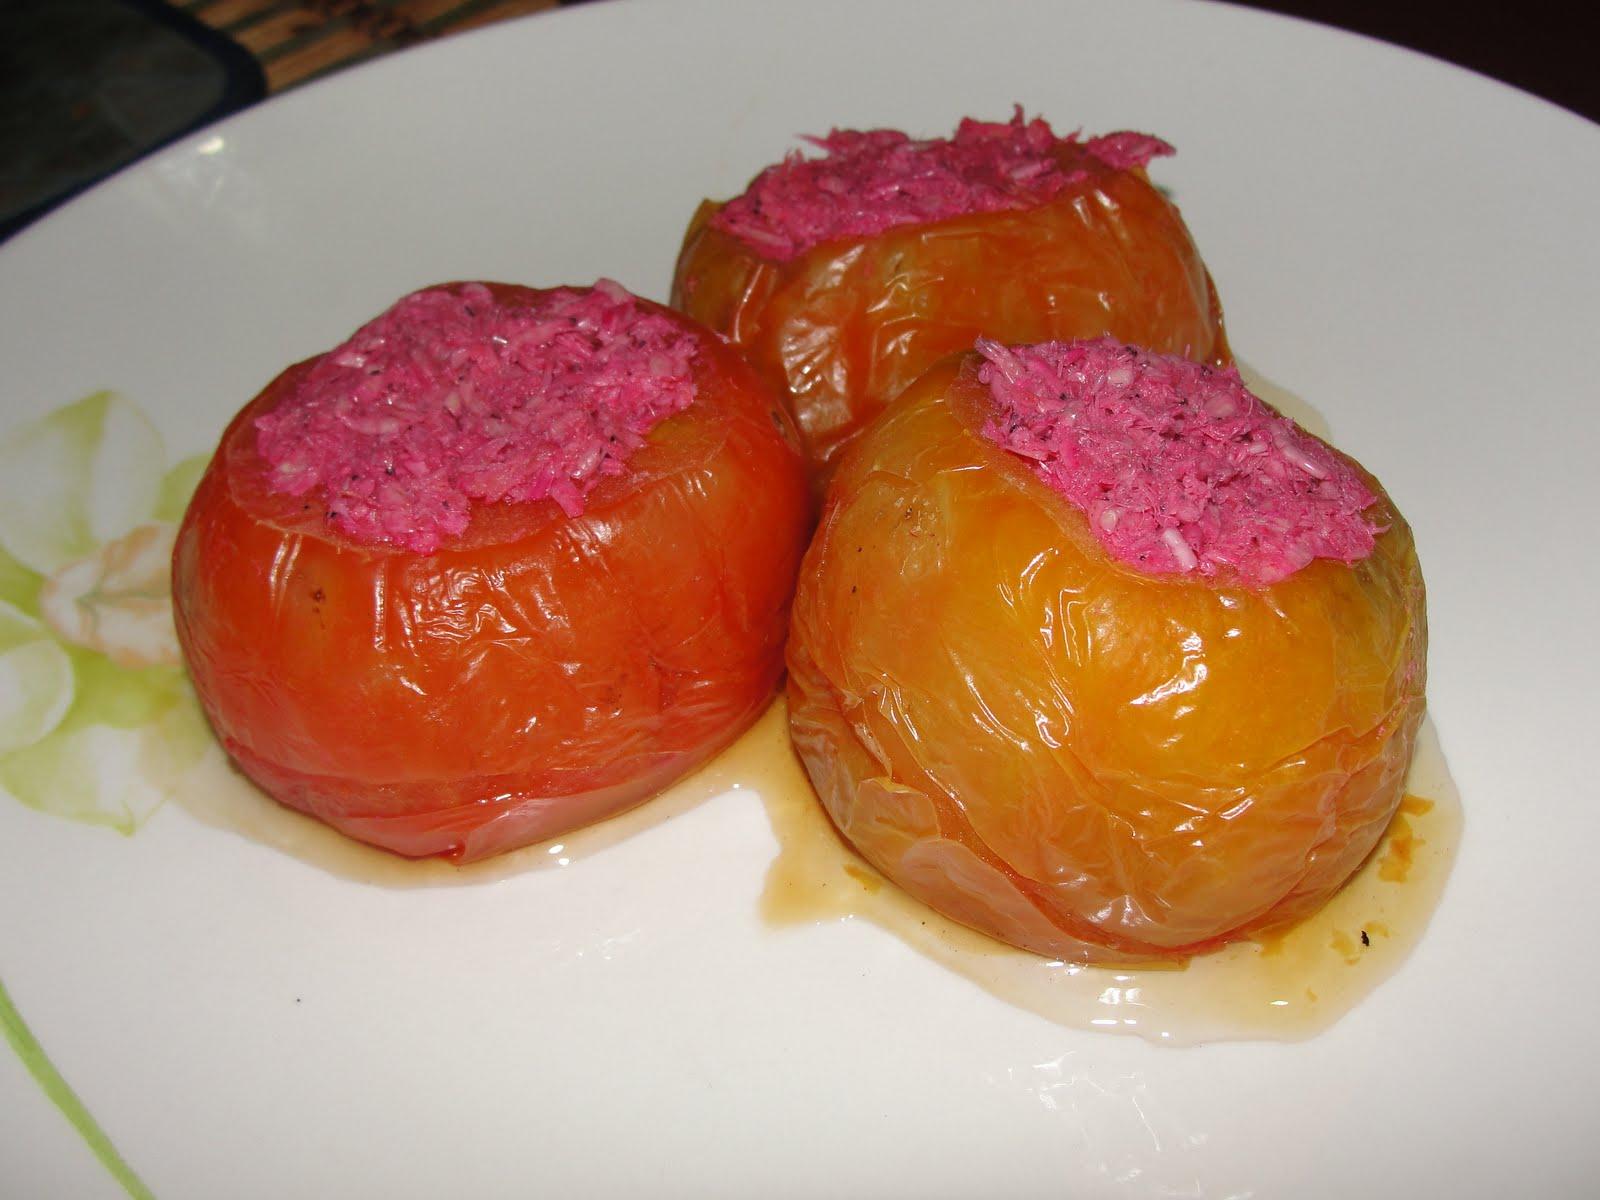 bagoong tomatoes